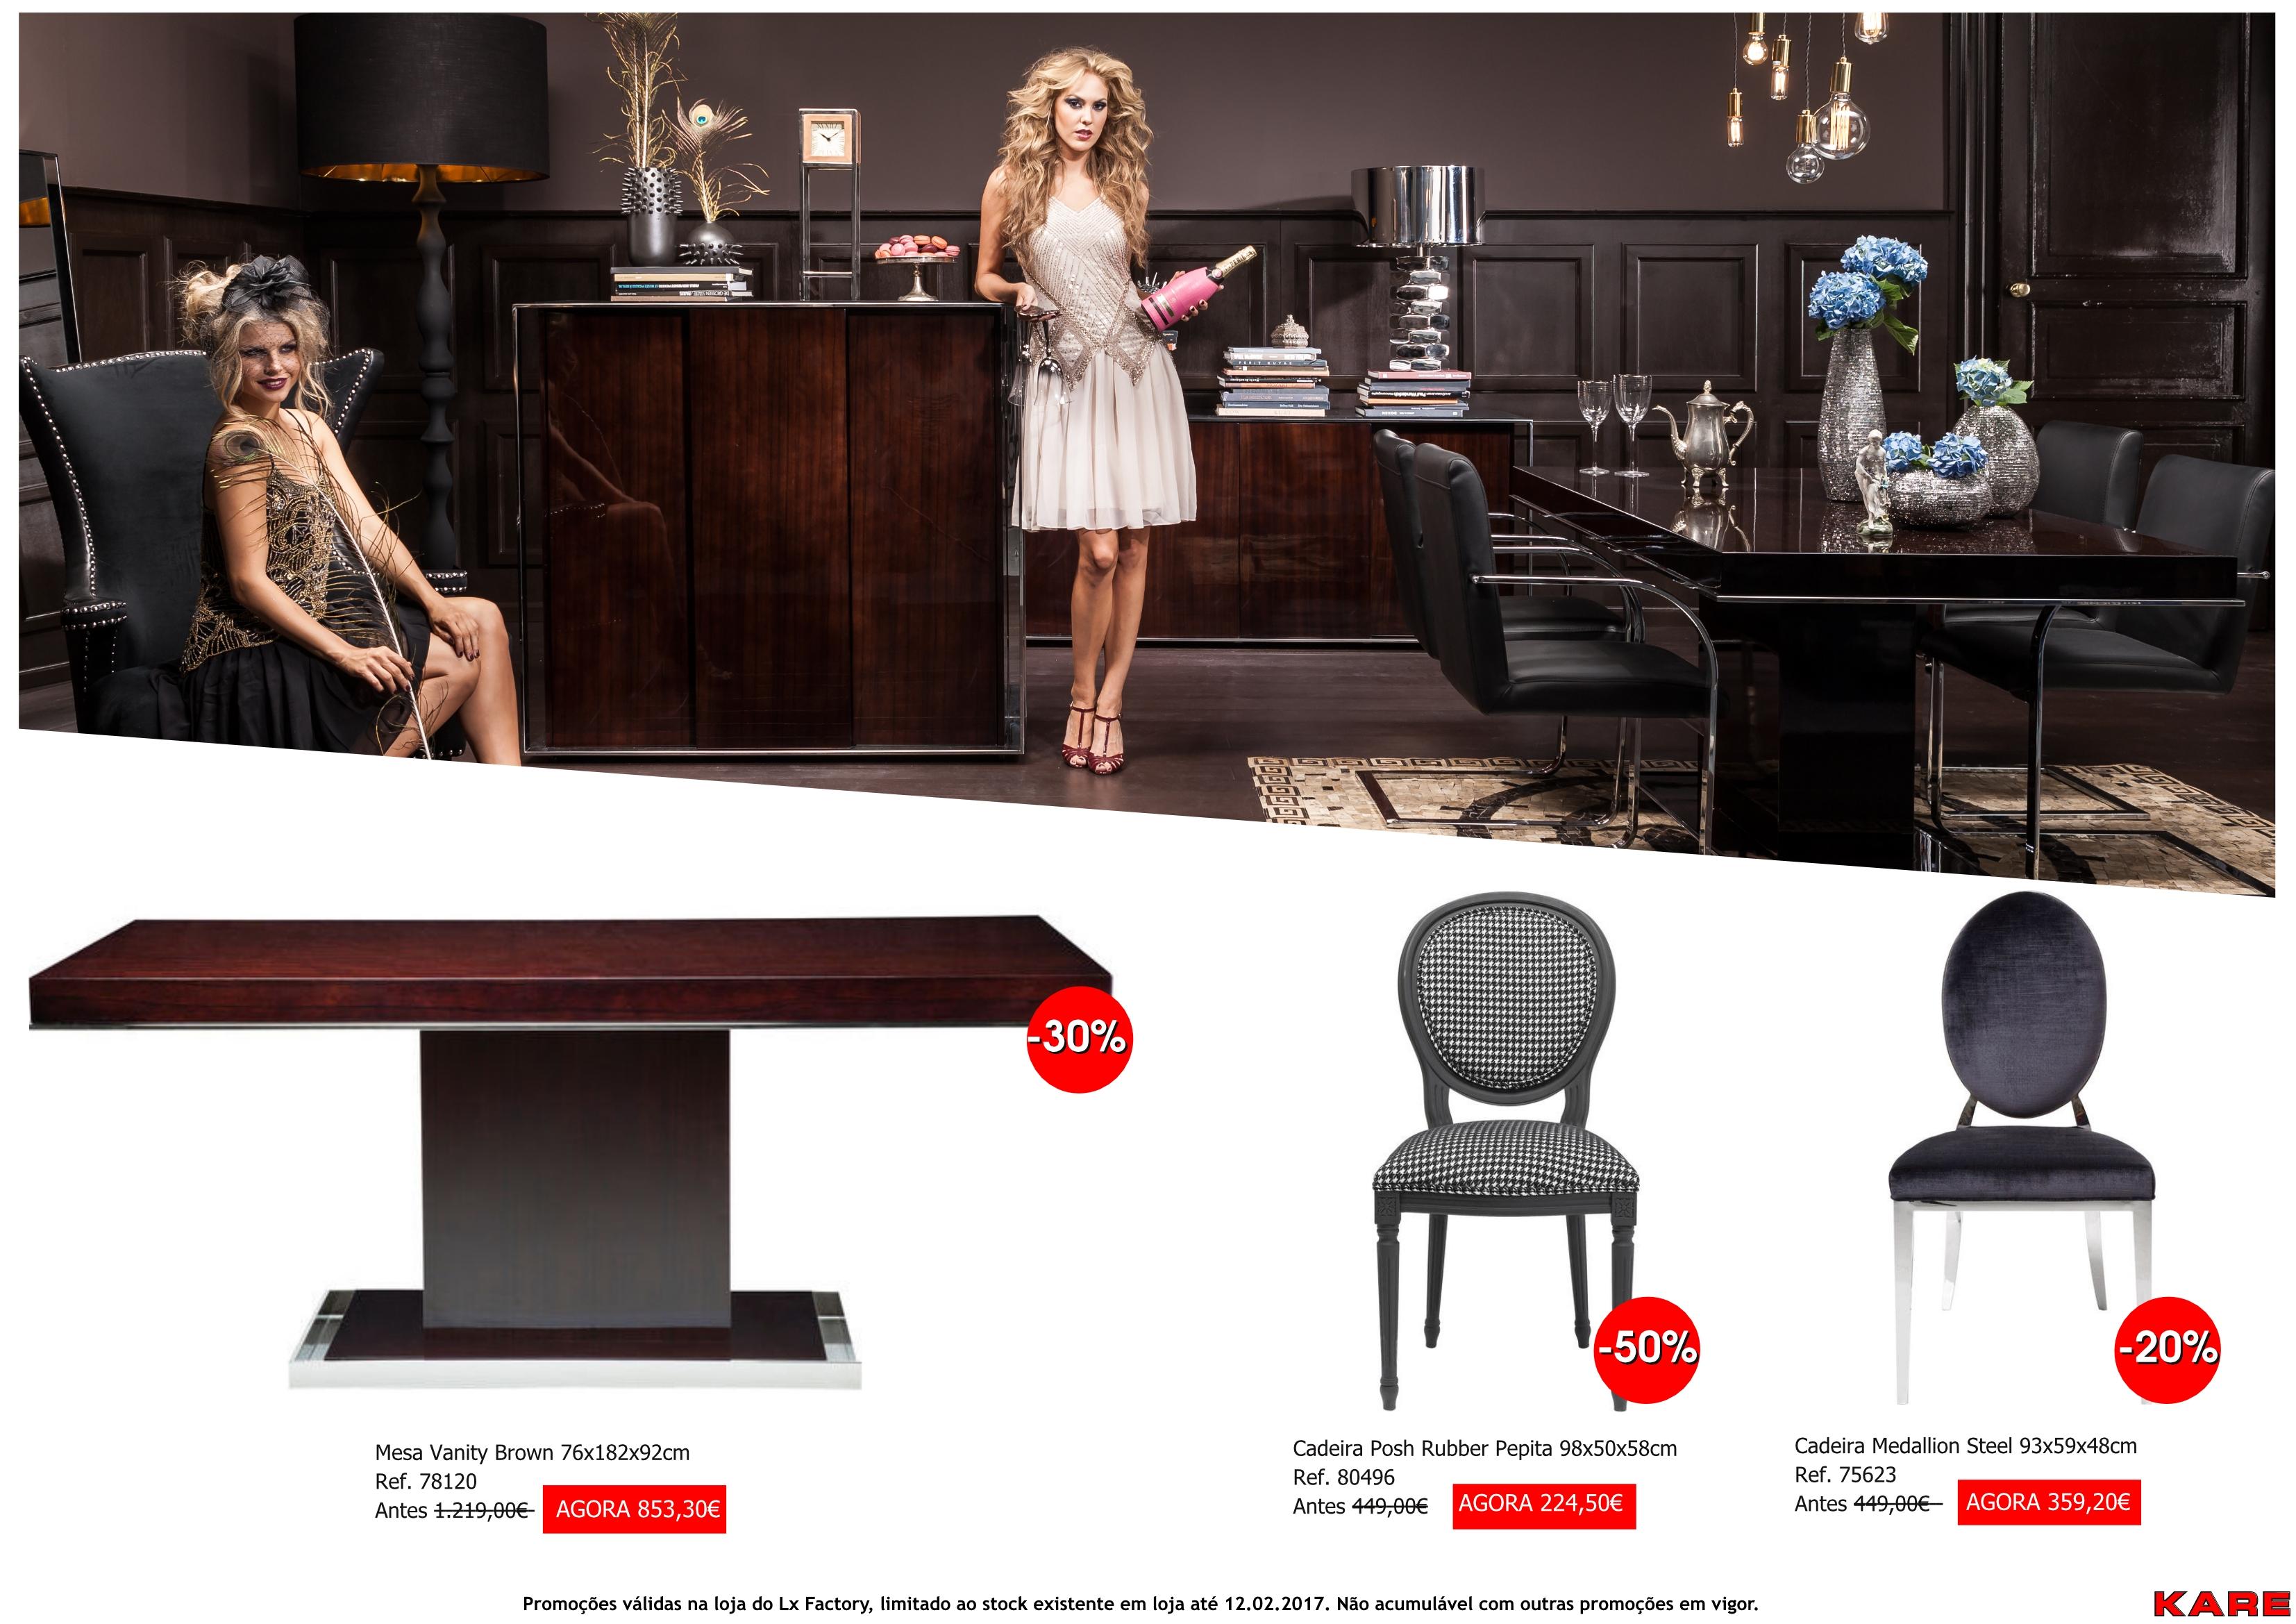 Promoções - cadeiras e mesa vanity